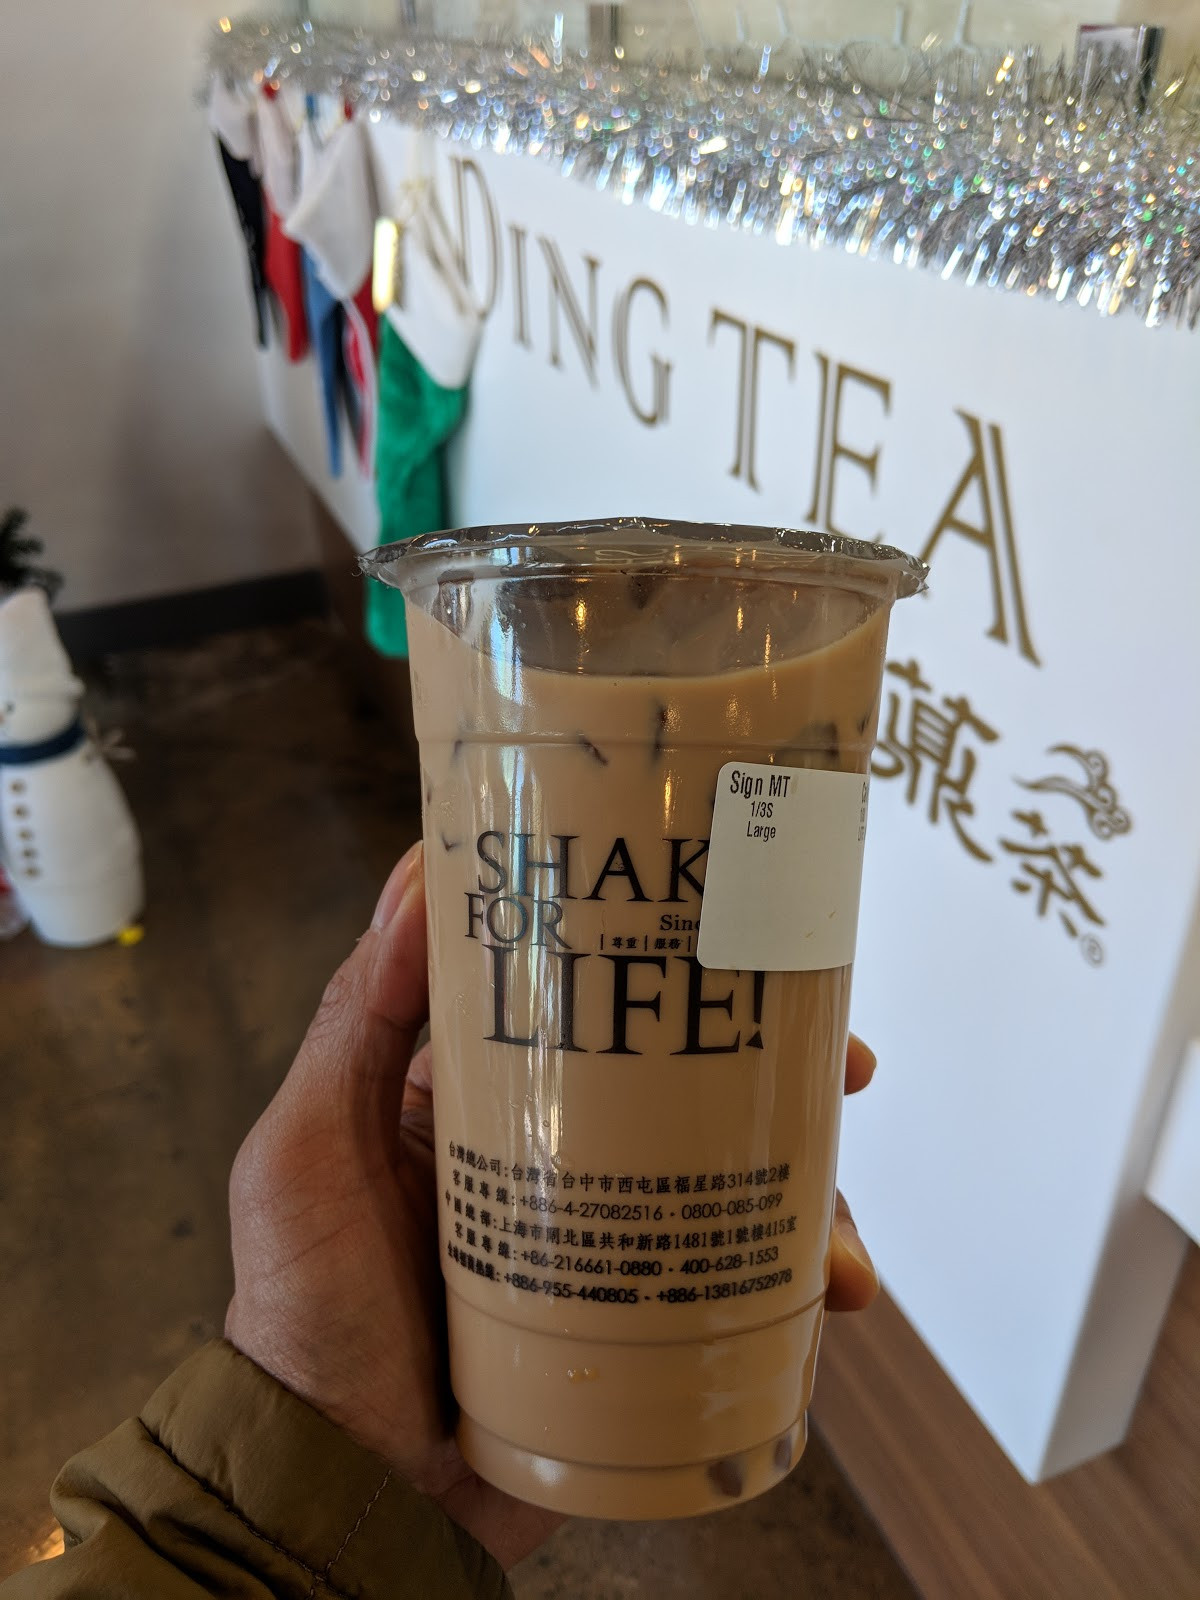 Ding Tea (Artesia, Los Angeles) | Just ME